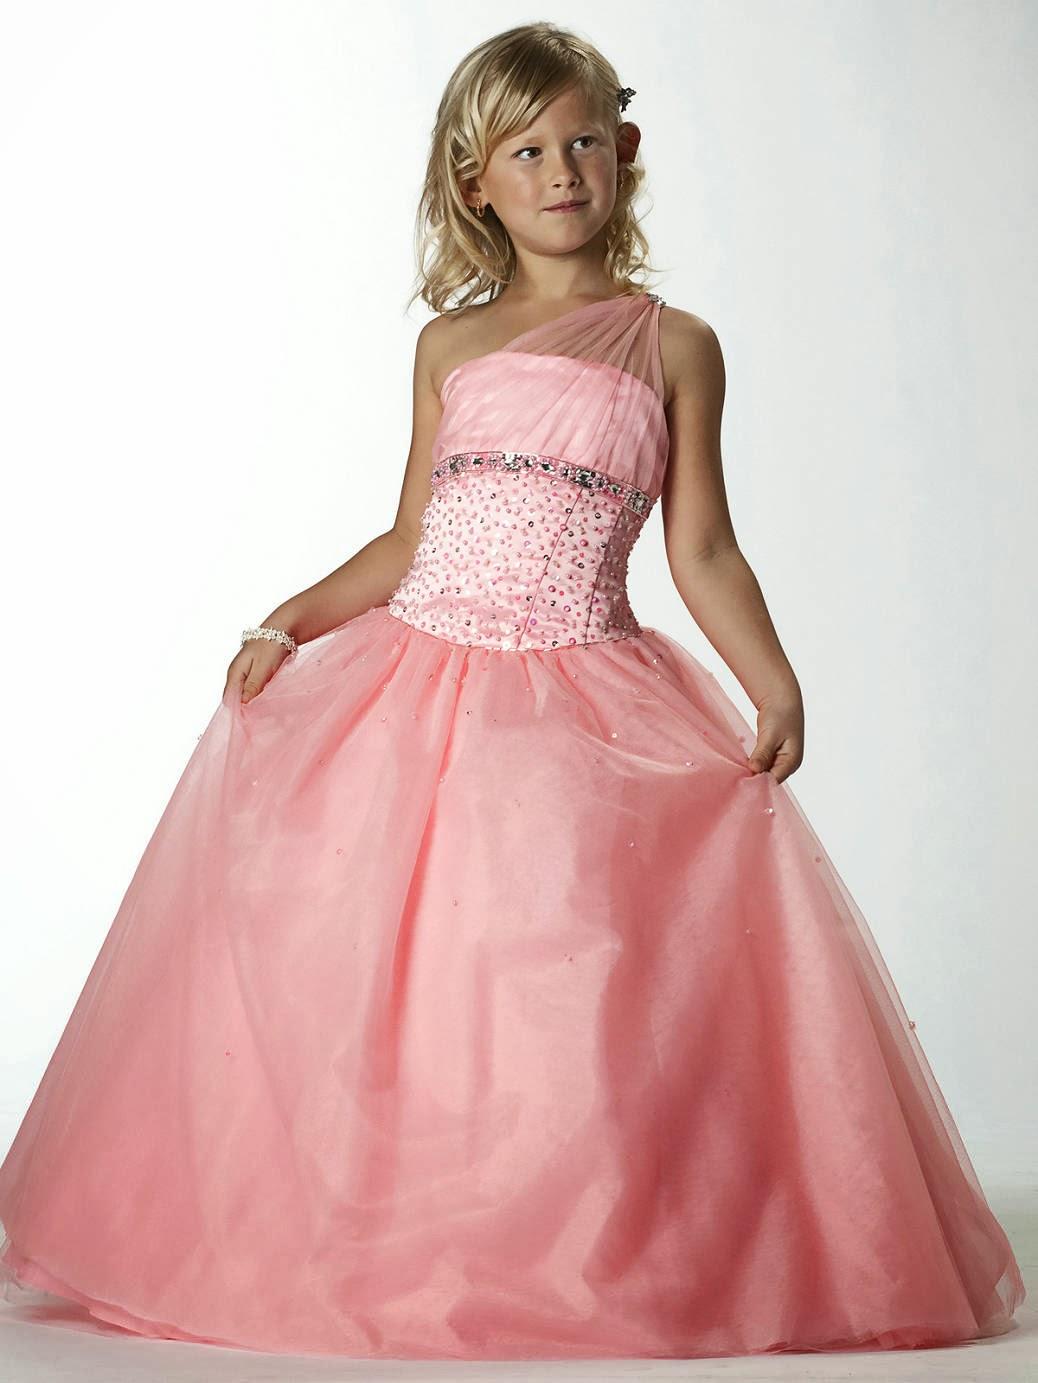 Vestidos de fiesta de niña ¡19 Lindas opciones con imágenes! | 101 ...